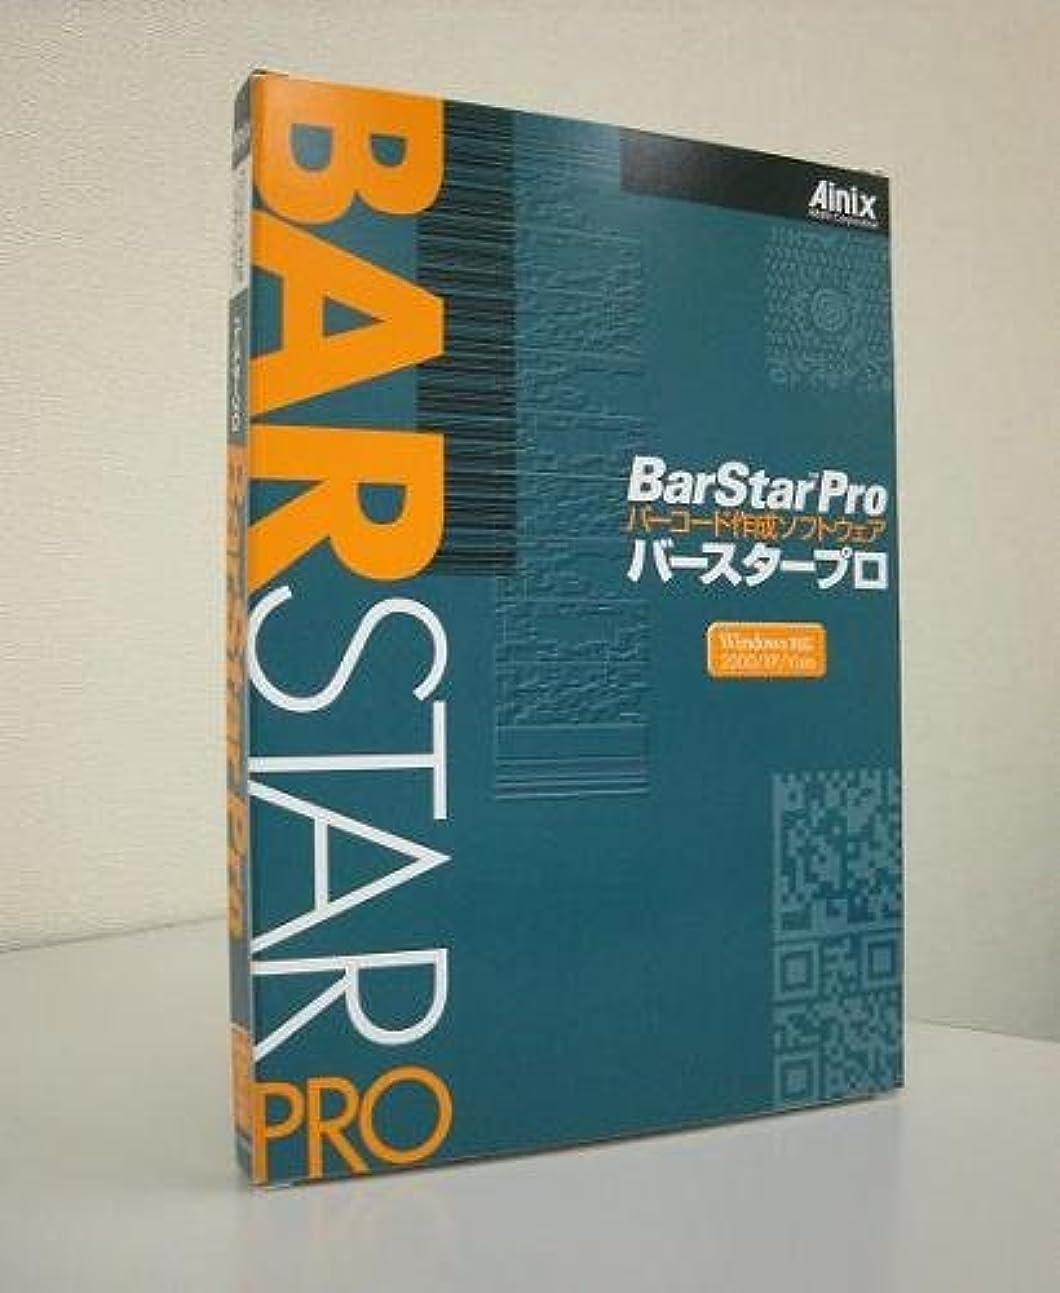 参照するミュウミュウプレーヤーバーコード作成ソフトウェア BarStar Pro V2.0保守パック BPW200JA-SP3